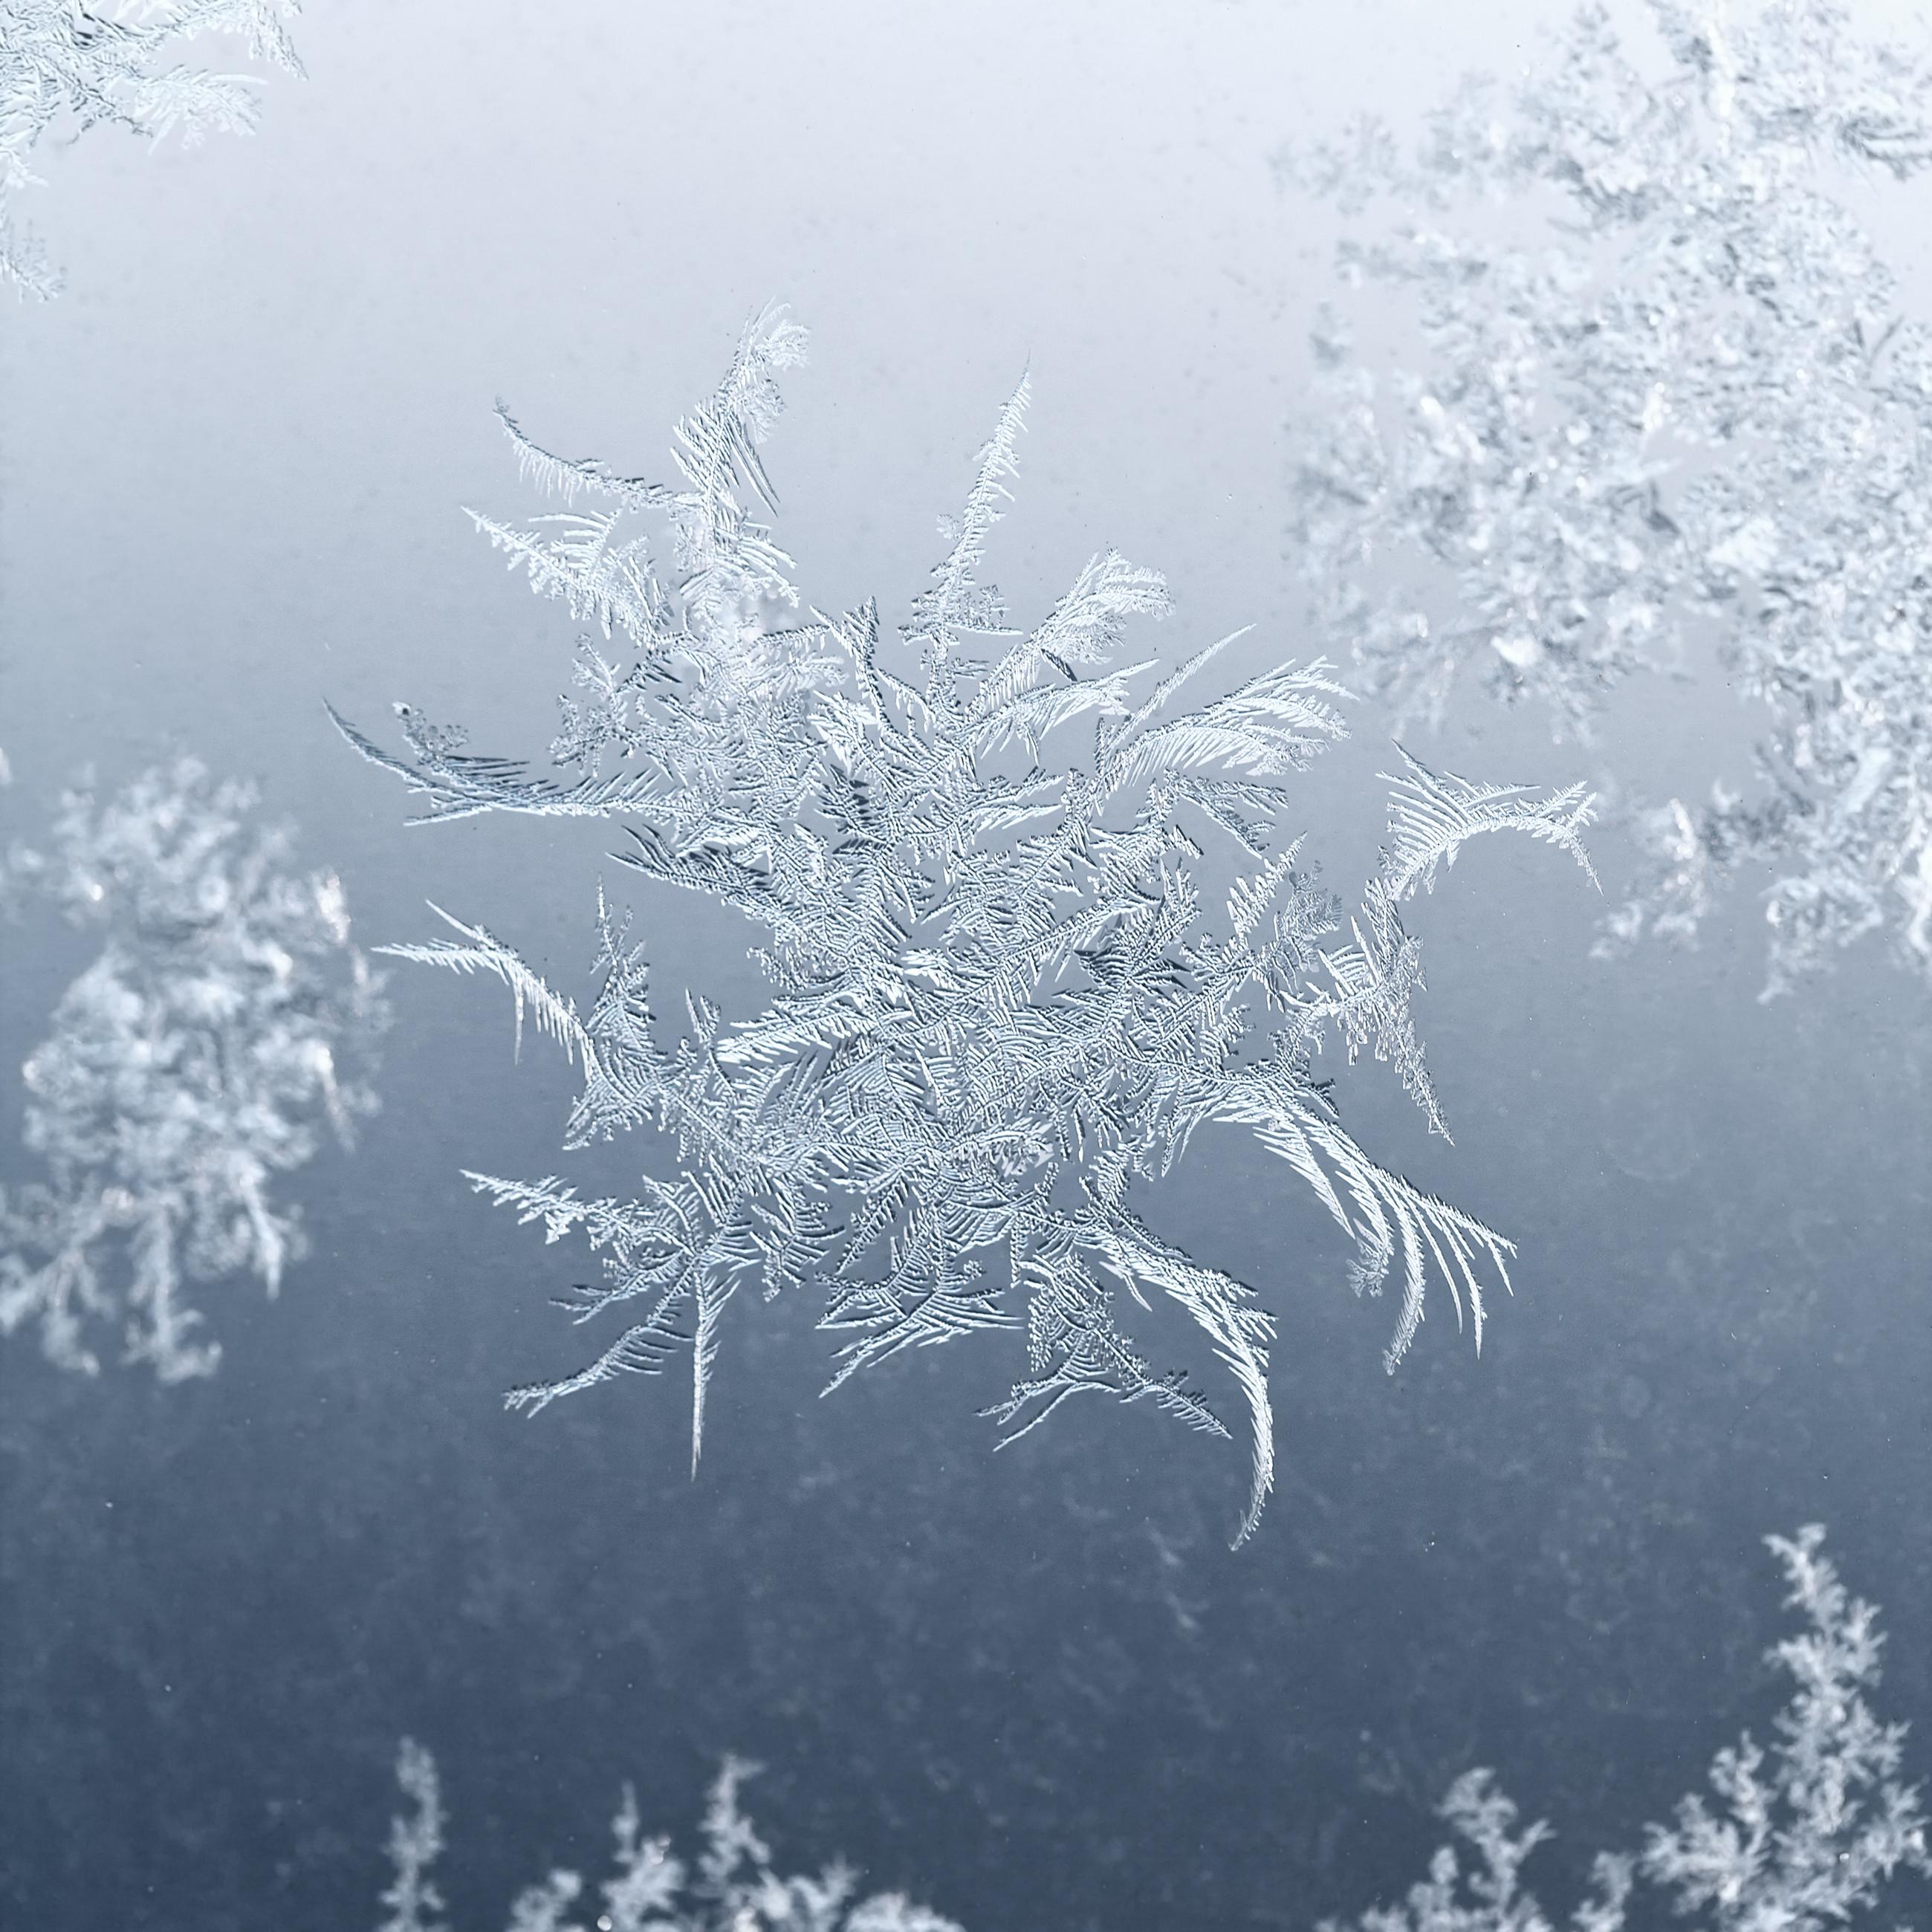 Шведские ученые обнаружили новый вид снежинки, сообщили СМИ